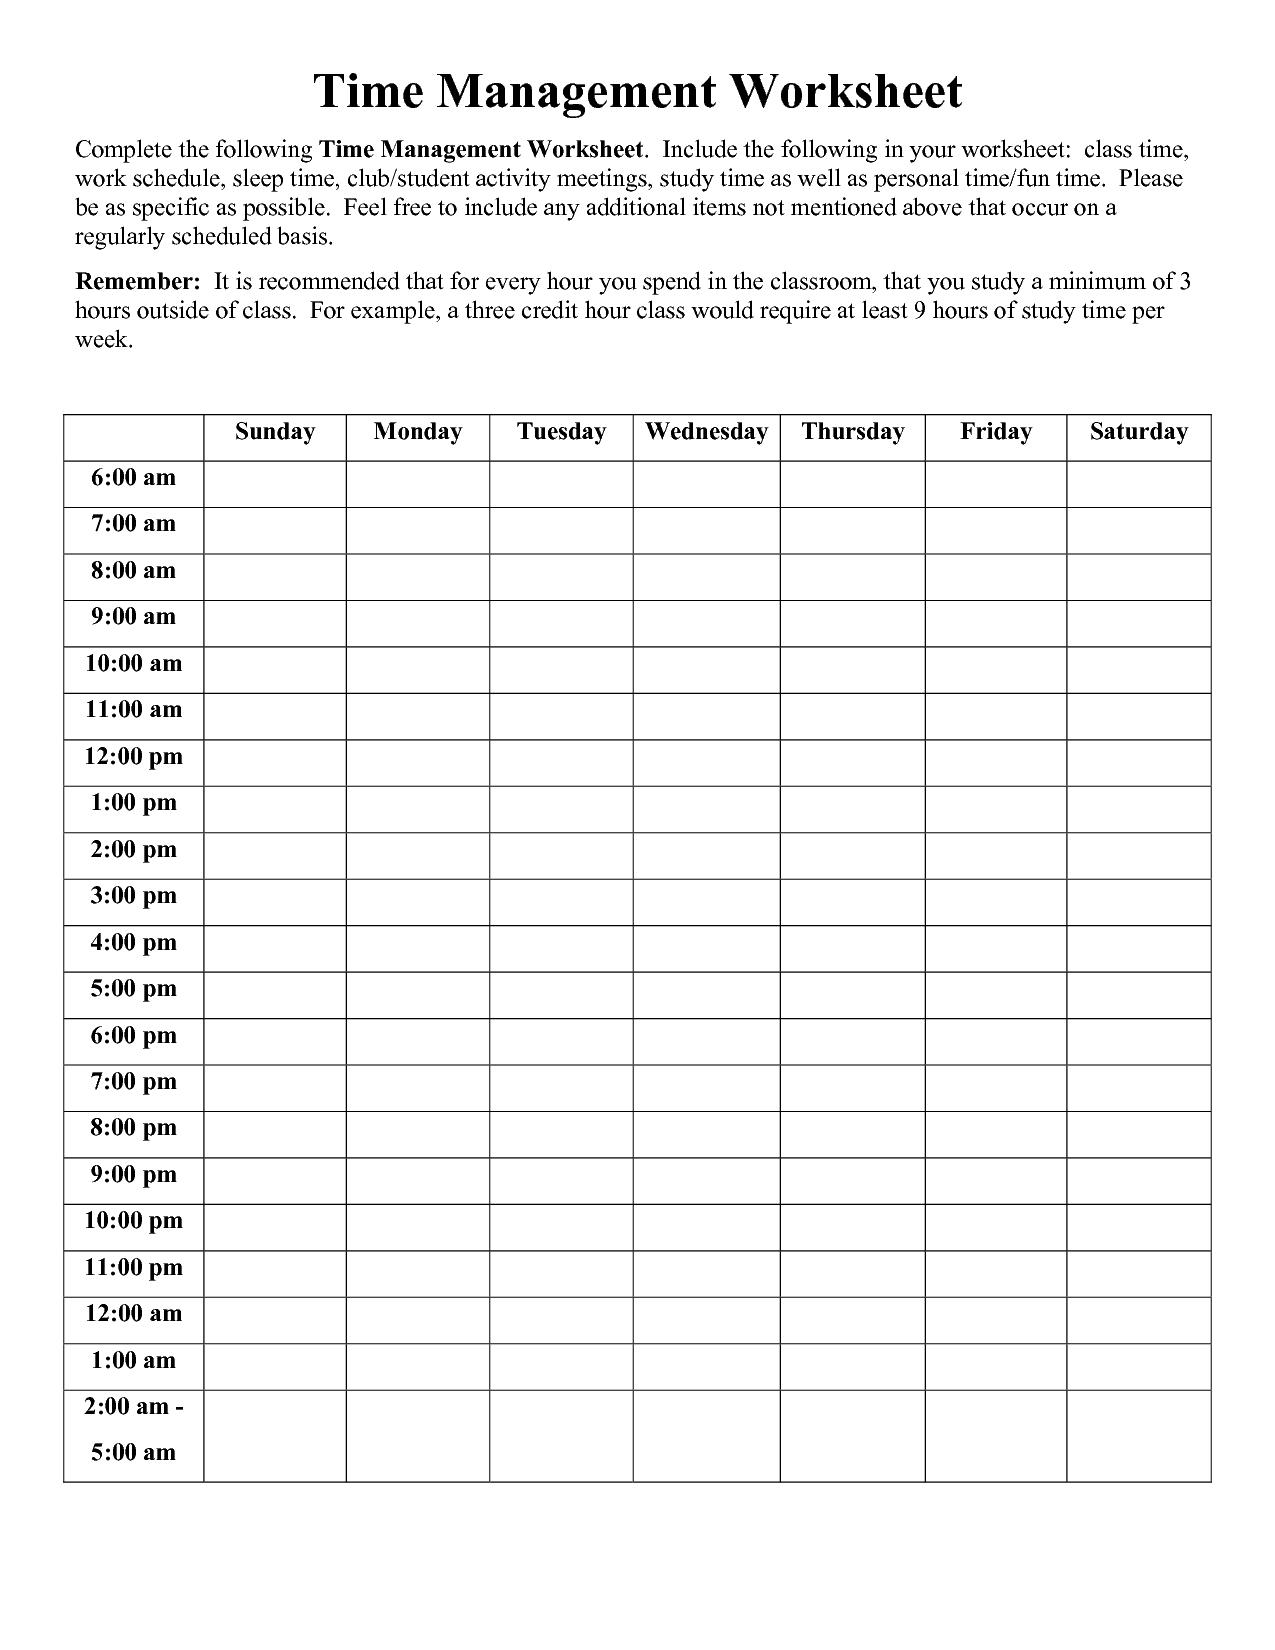 Time Management Worksheet Pdf | Sophia | Time Management Worksheet - Free Printable Time Tracking Sheets